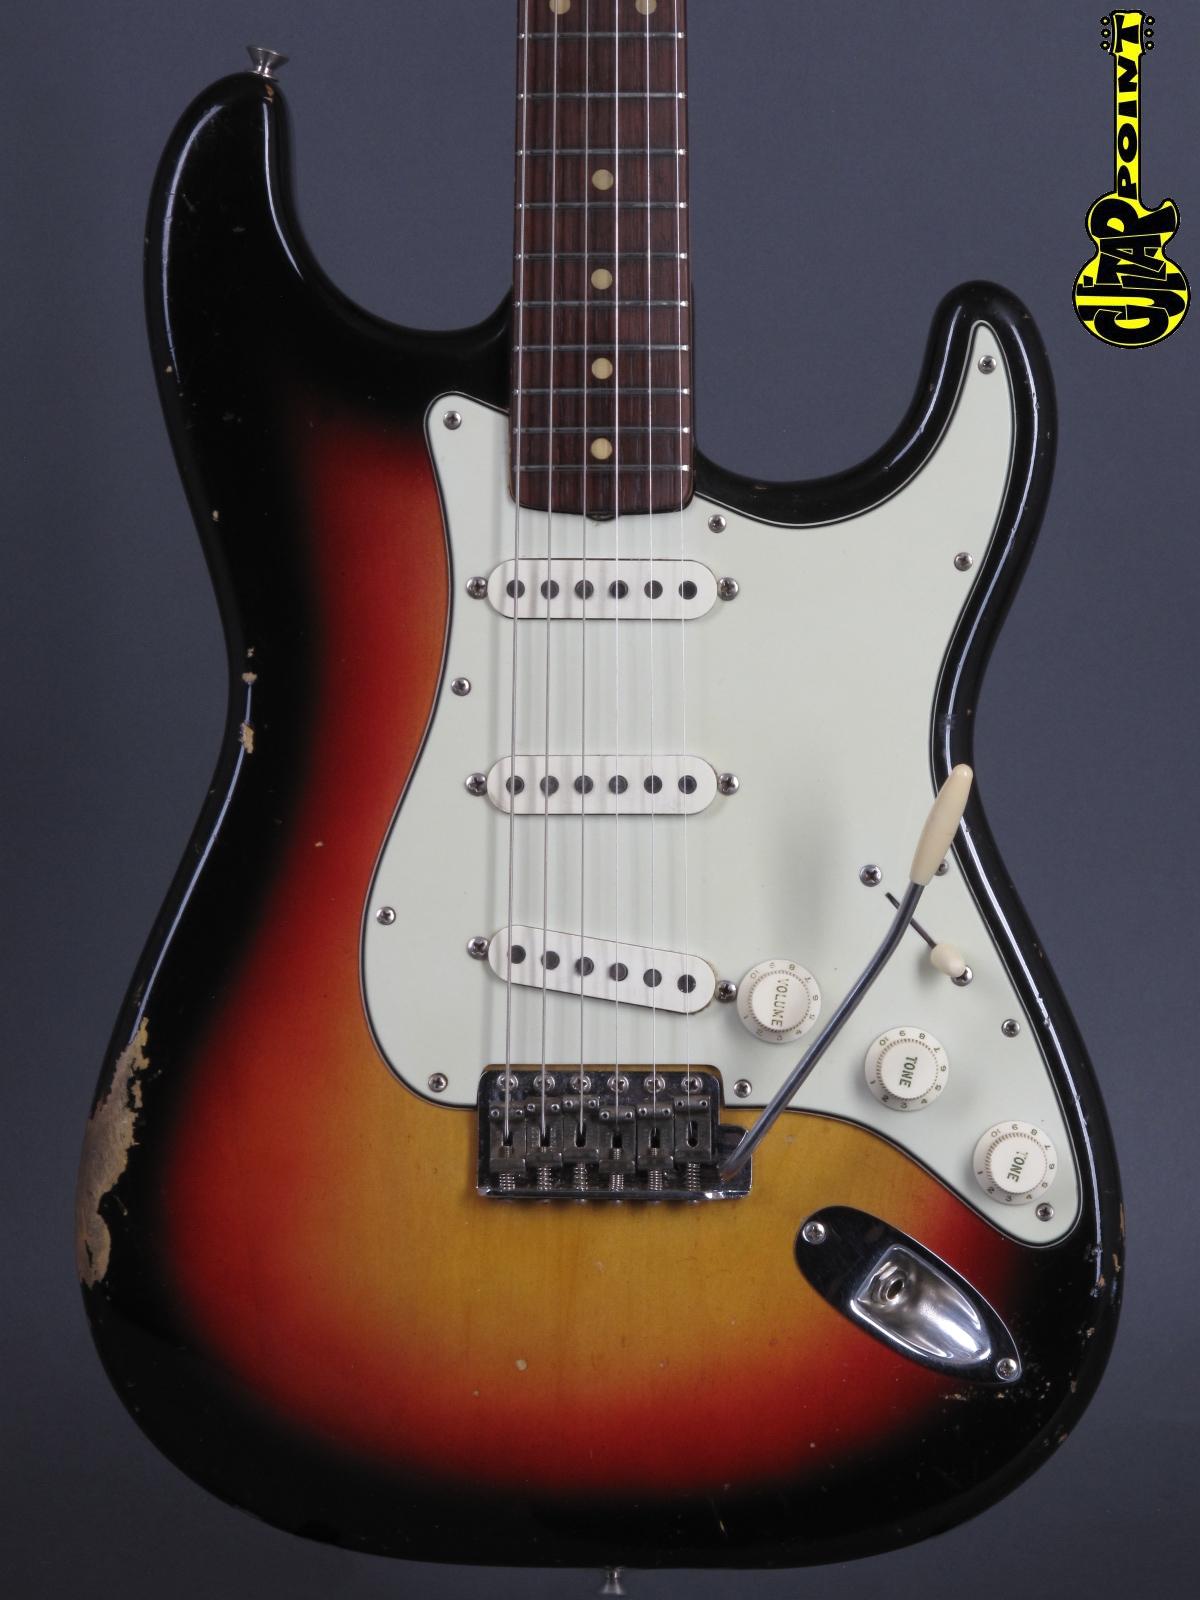 1962 Fender Stratocaster - 3-tone Sunburst